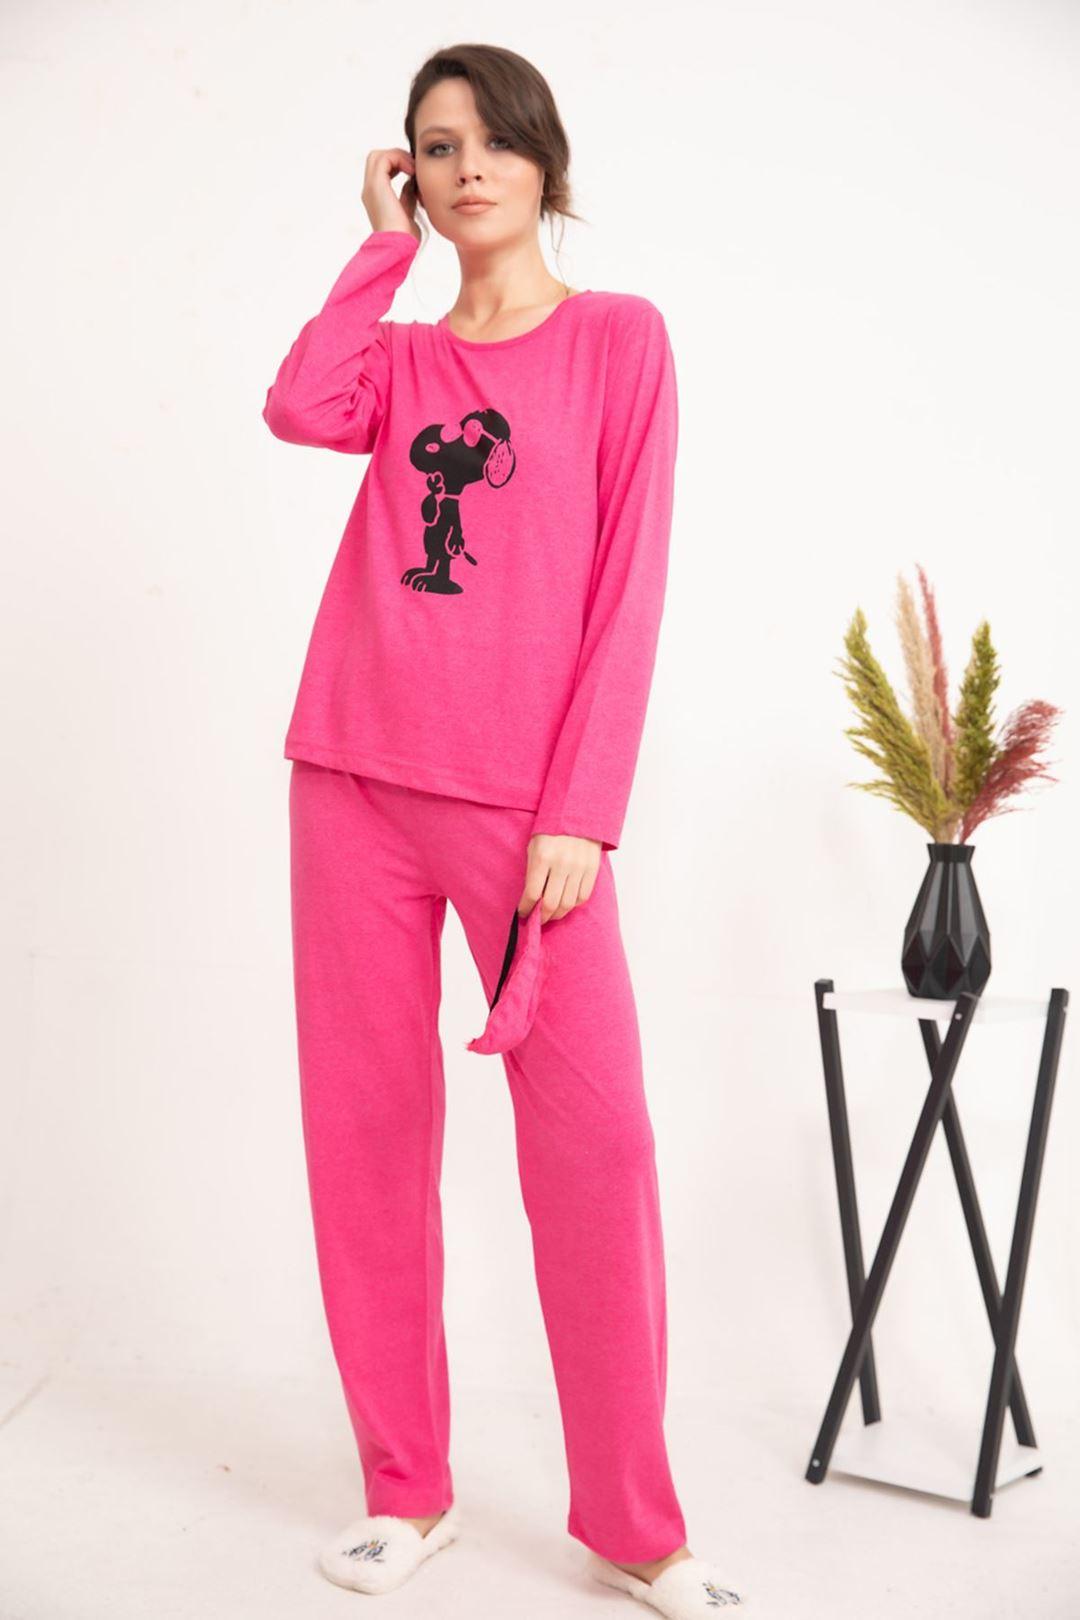 Snoopy Baskılı Uzun Kollu Pijama Takımı Pembe